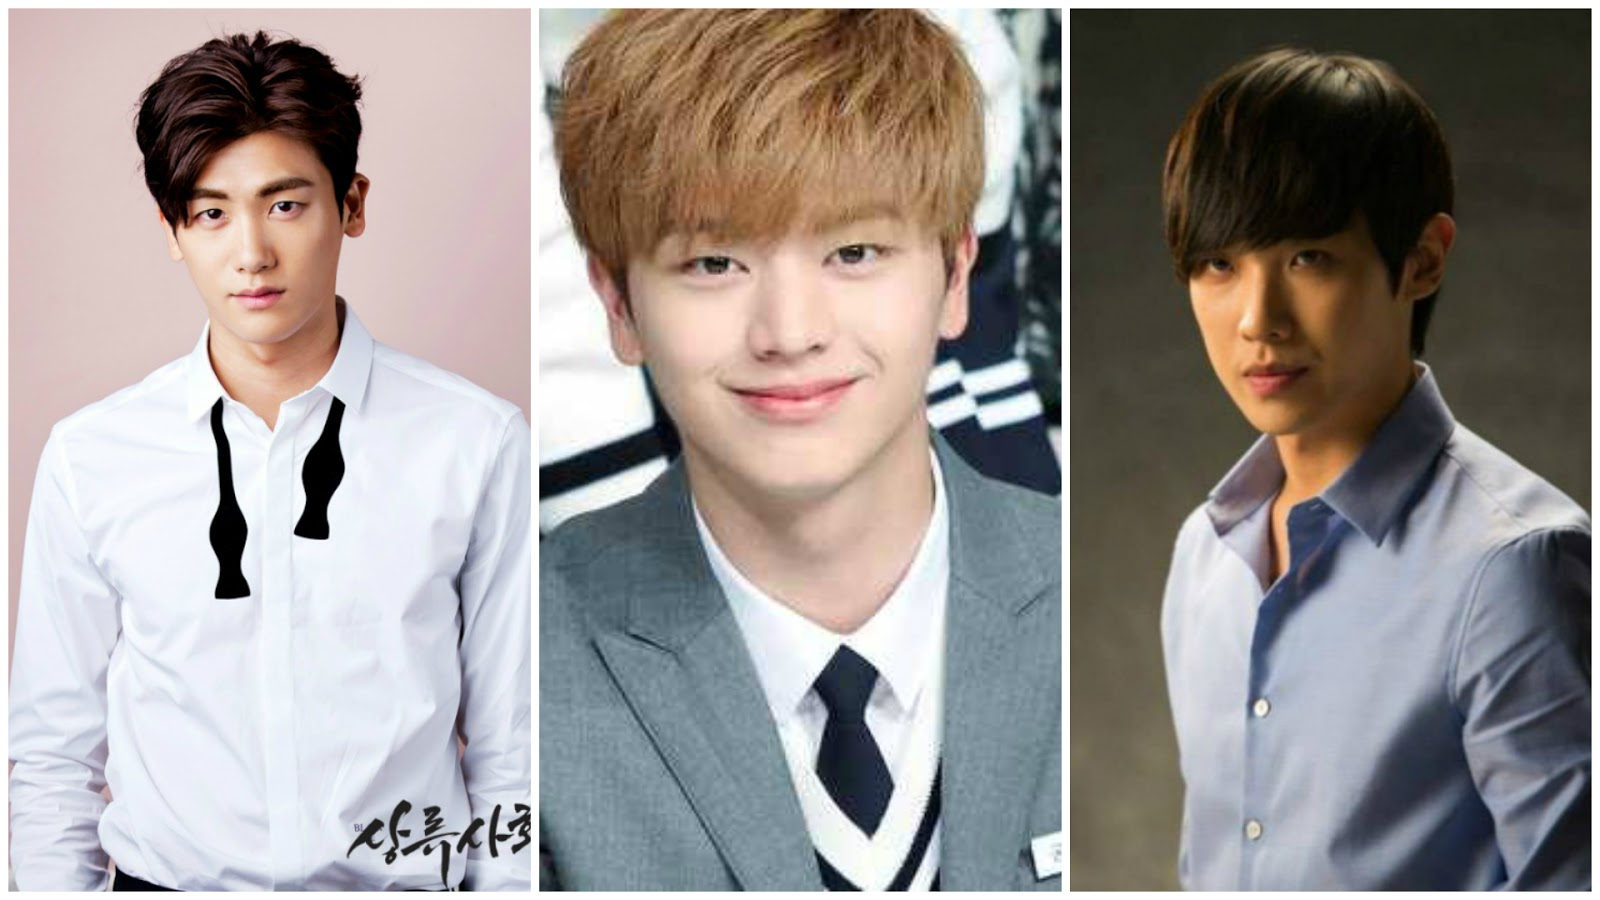 Qué actores de K dramas ganan más dinero